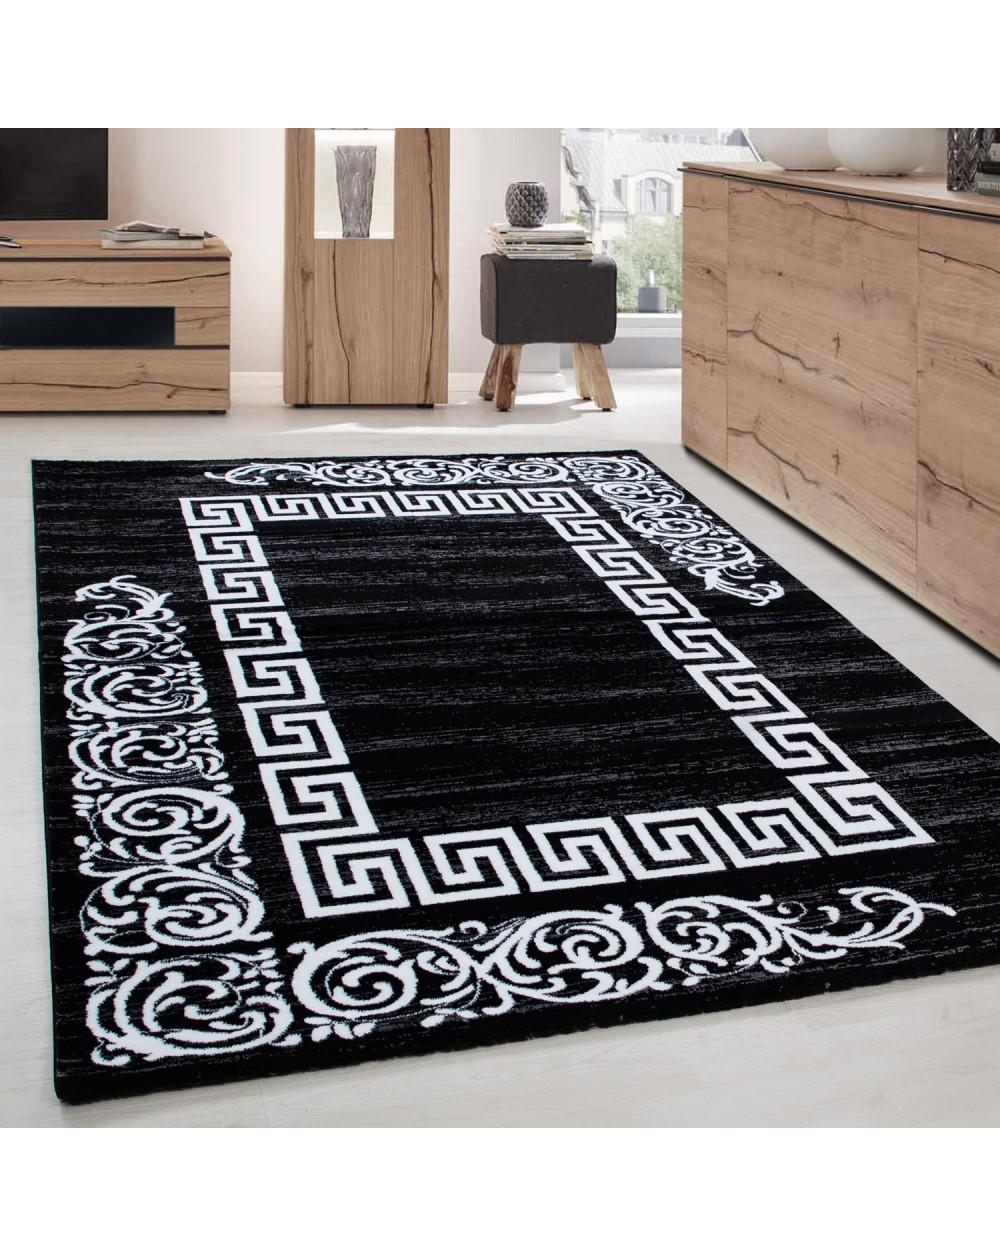 Moderner Designer Elegance Wohnzimmer Teppich Miami 6620 Schwarz-Weiss  Größe 80x150 cm